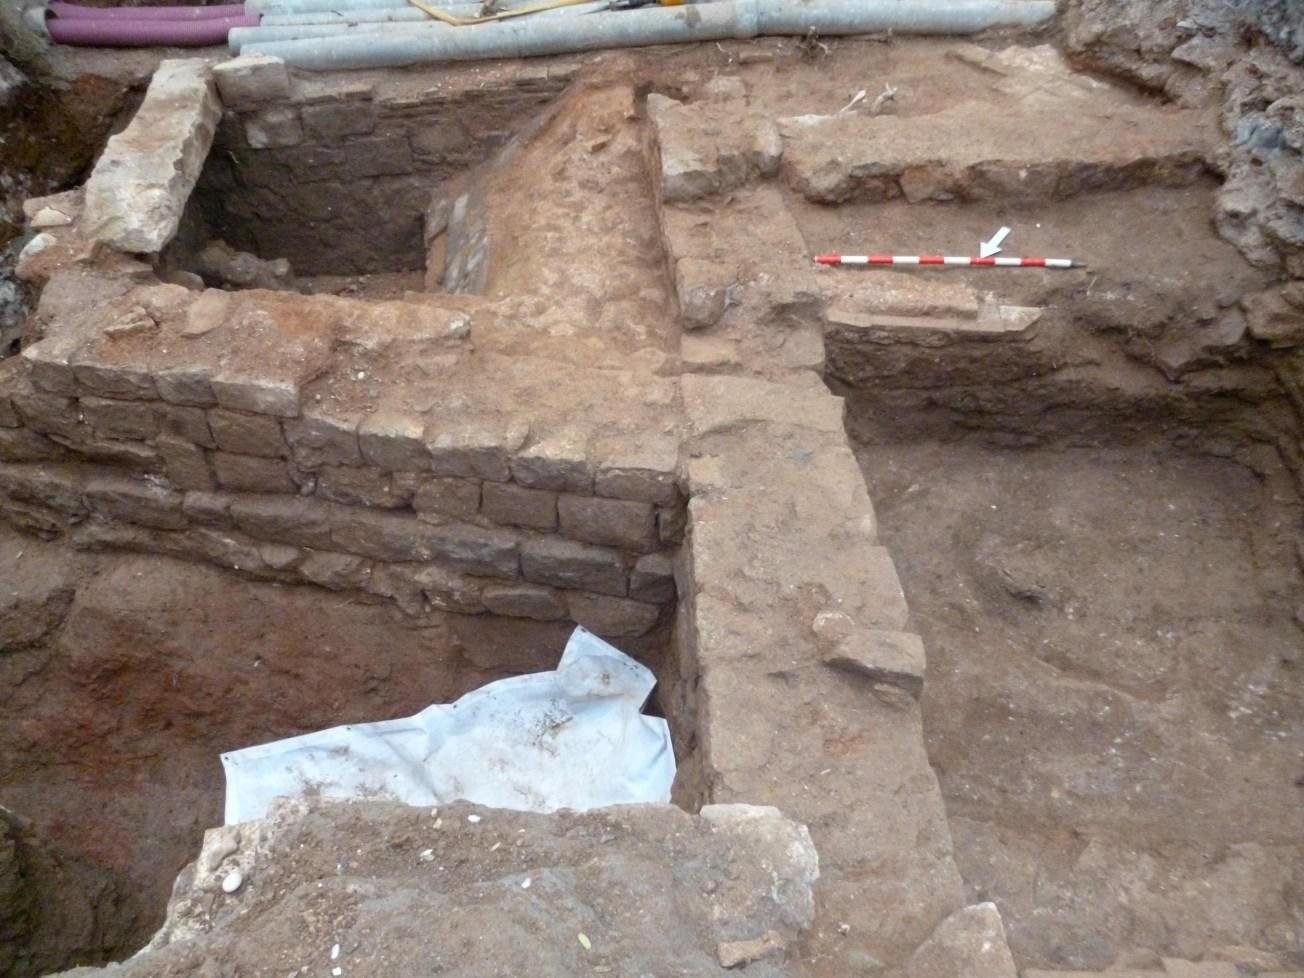 Murs i pou corresponent a una edificació prèvia a la construcció de l'església de Sant Agustí. Foto: Esteve Nadal